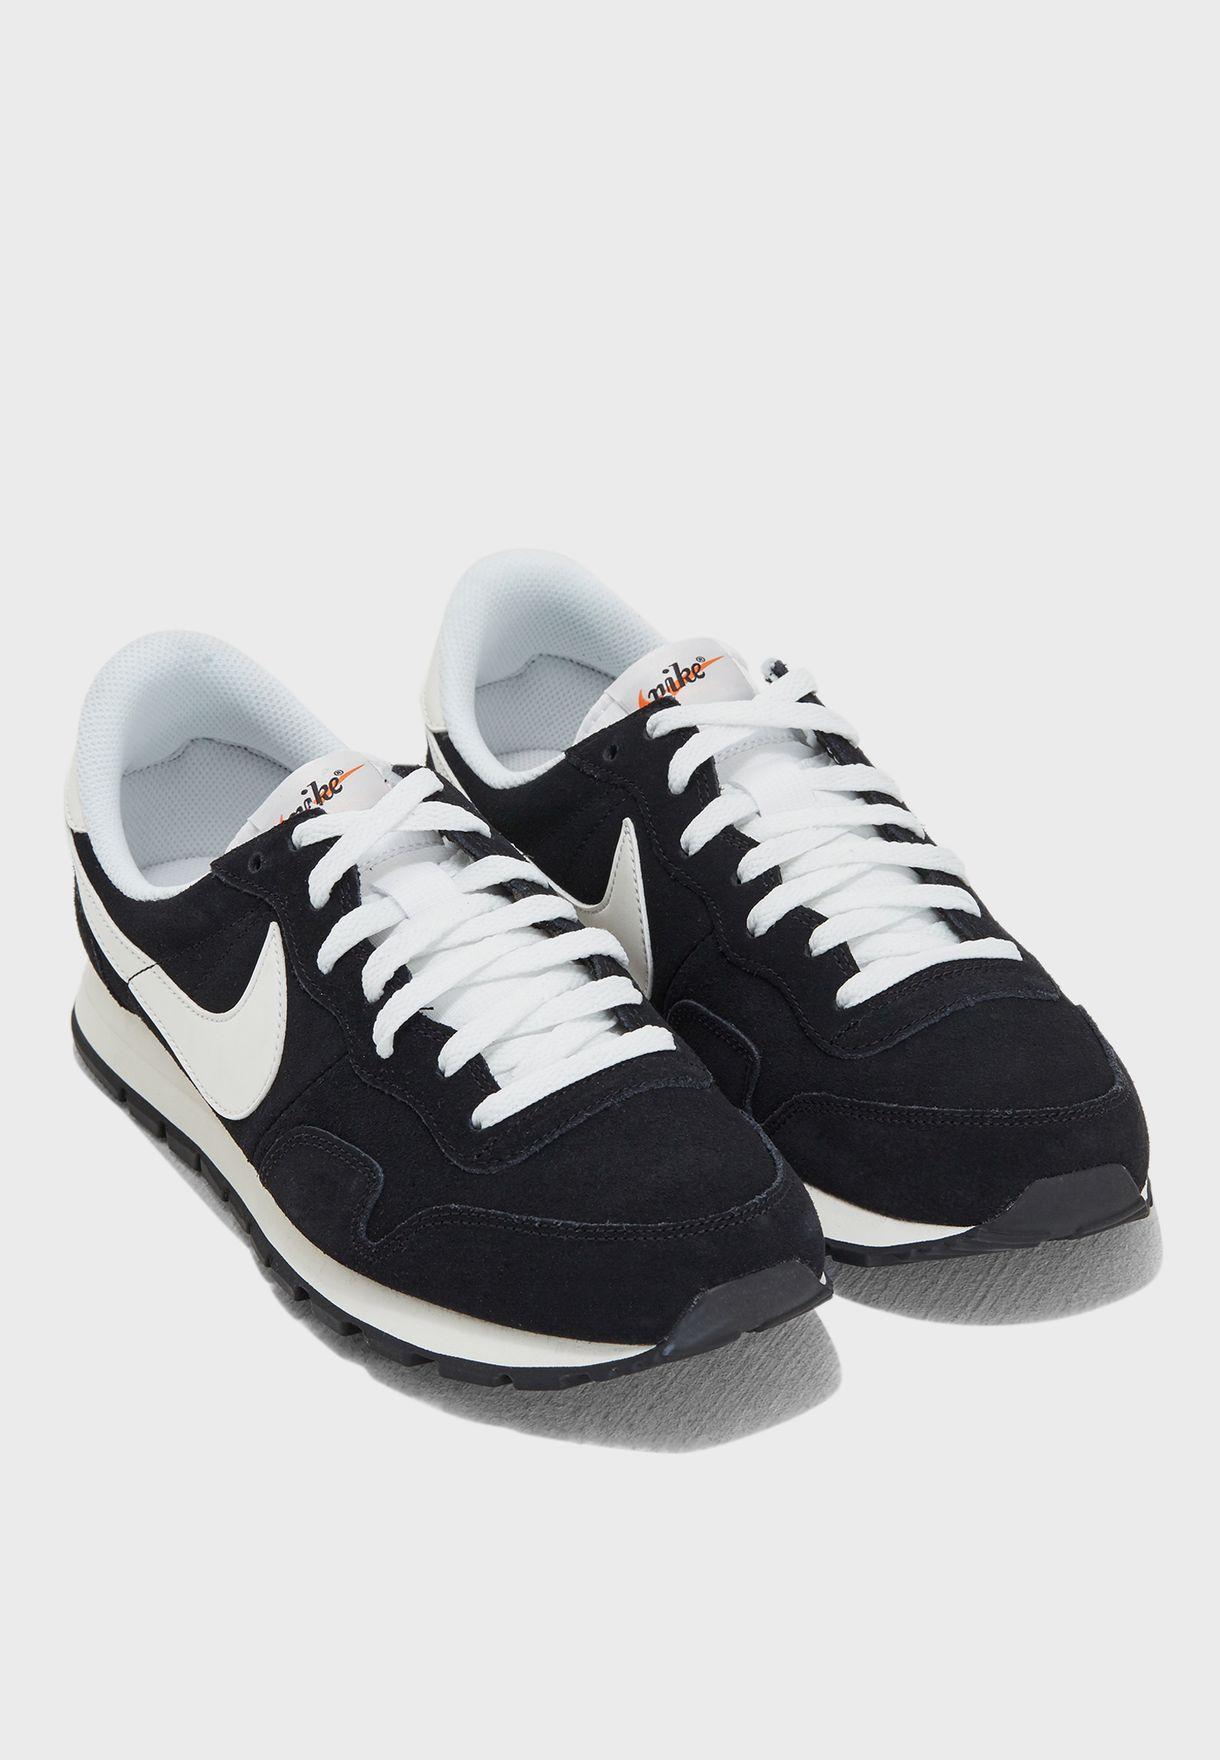 حذاء اير بيجاسوس 83 ليذر